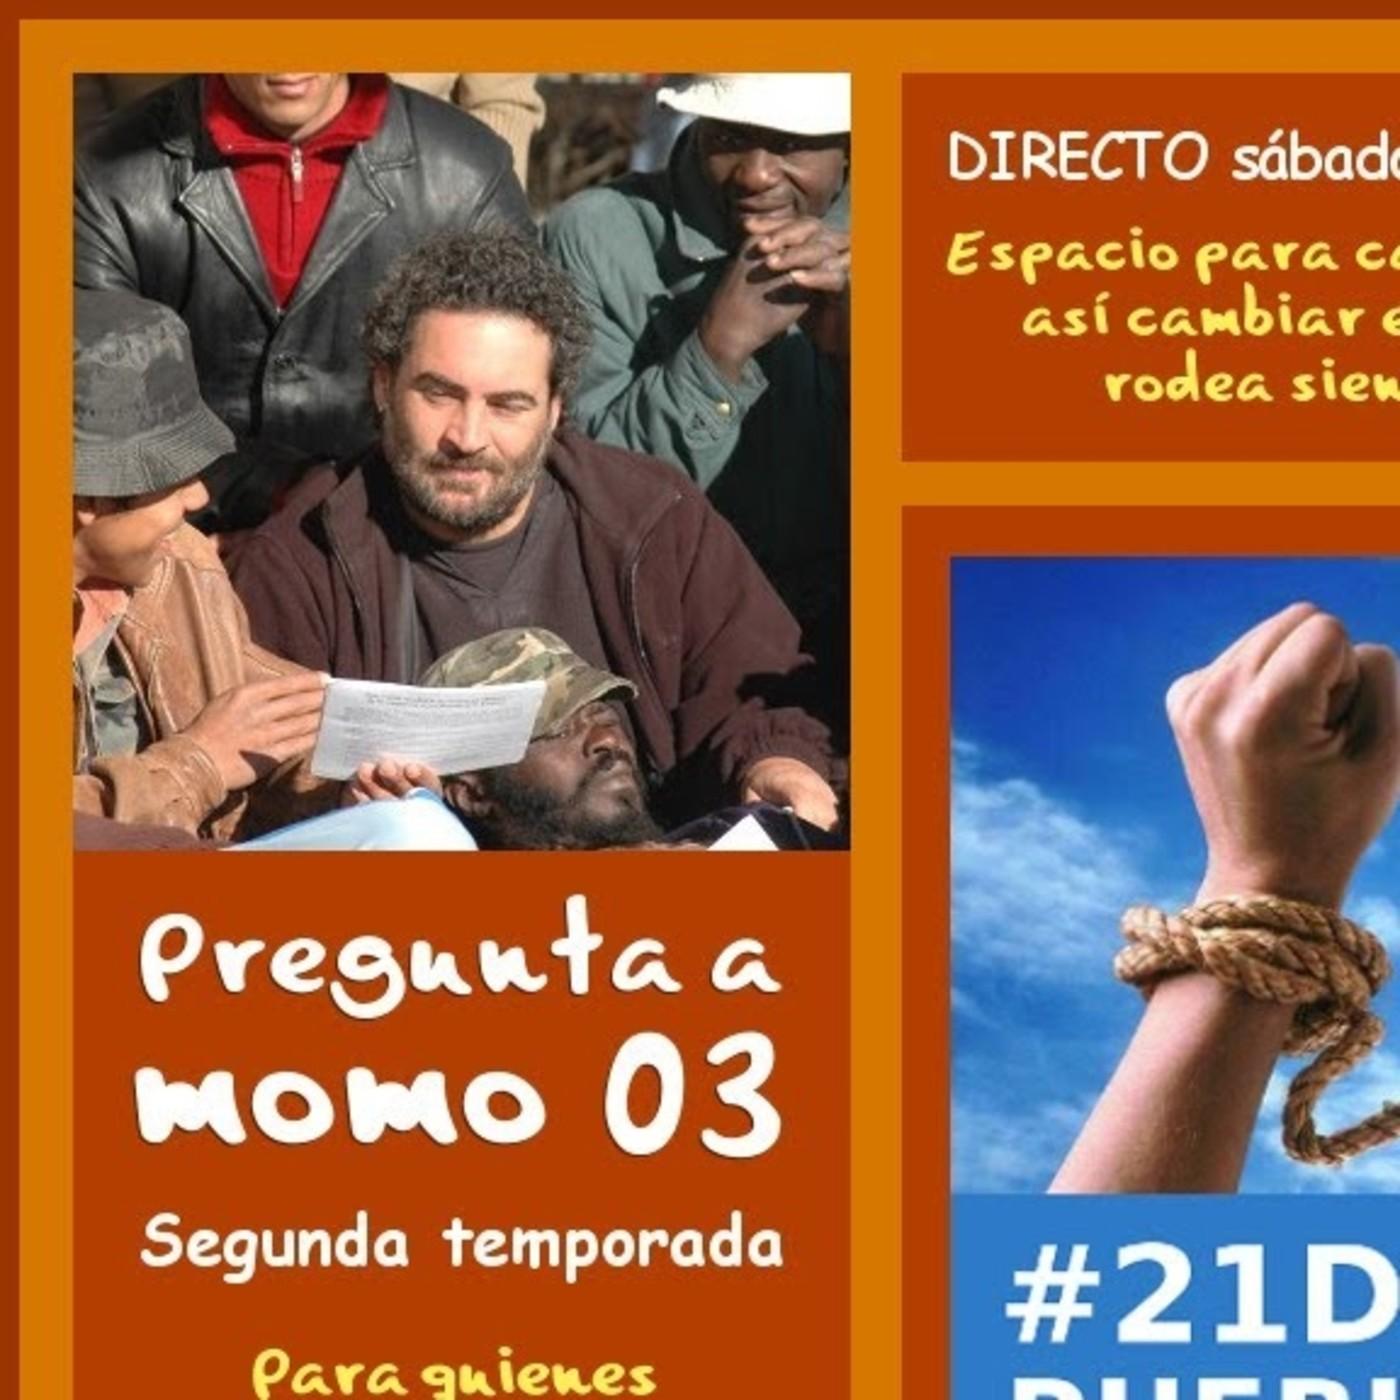 Pregunta a momo 03 · ORÍGENES DEL PUEBLO LIBRE · ACCIÓN GLOBAL #21D